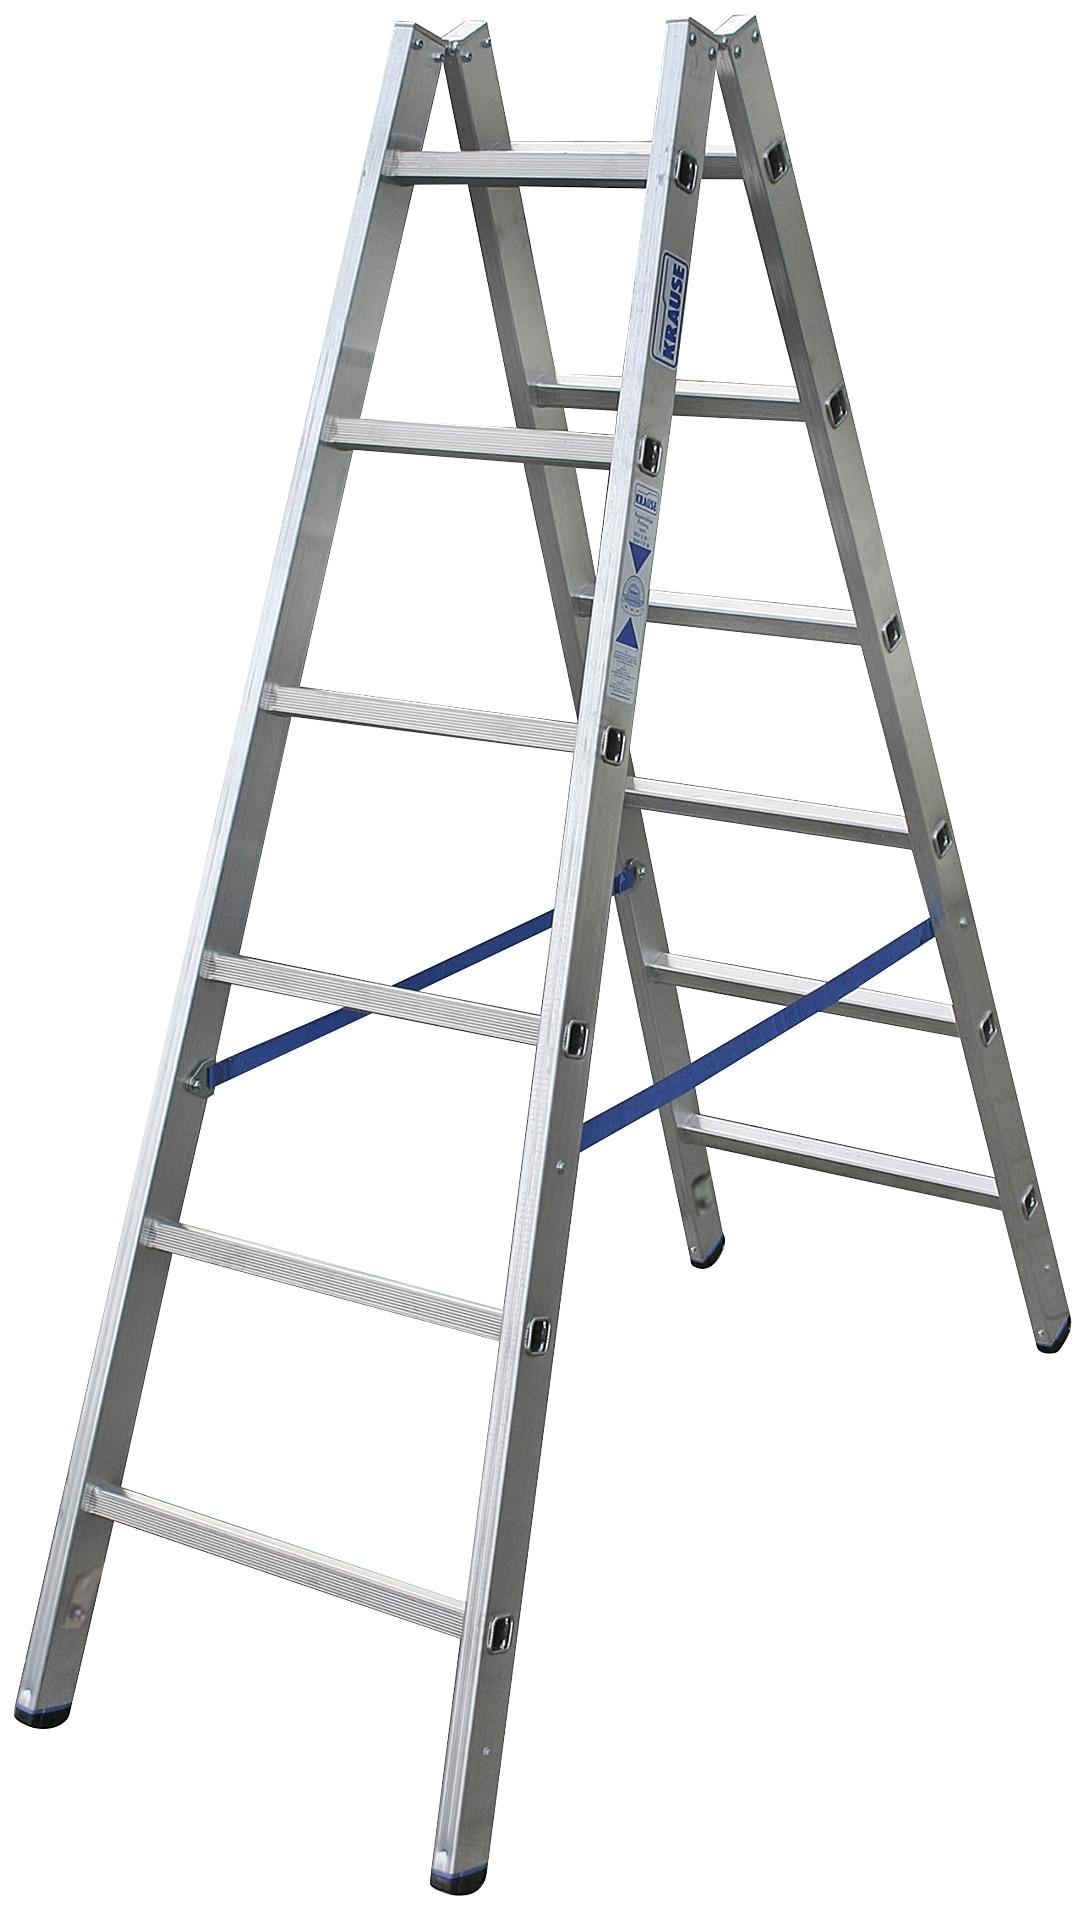 KRAUSE Stehleiter »STABILO«, beidseitig begehbar | Baumarkt > Leitern und Treppen > Stehleiter | KRAUSE